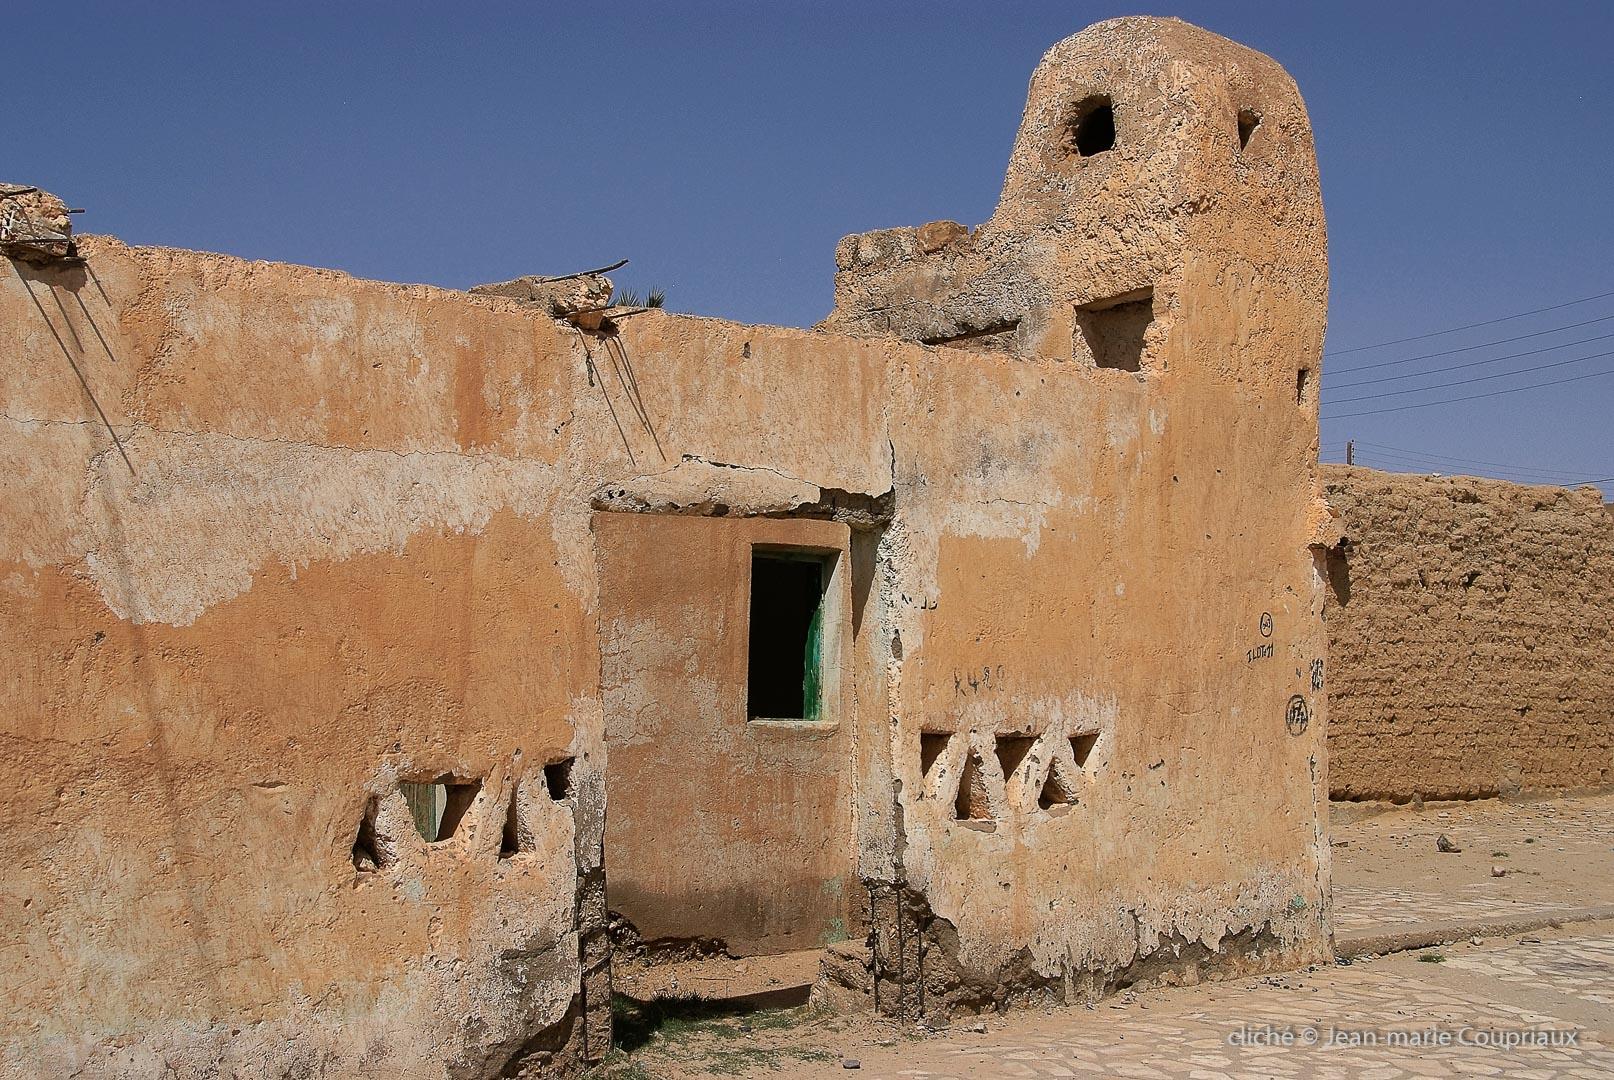 802-2011_Algerie-840